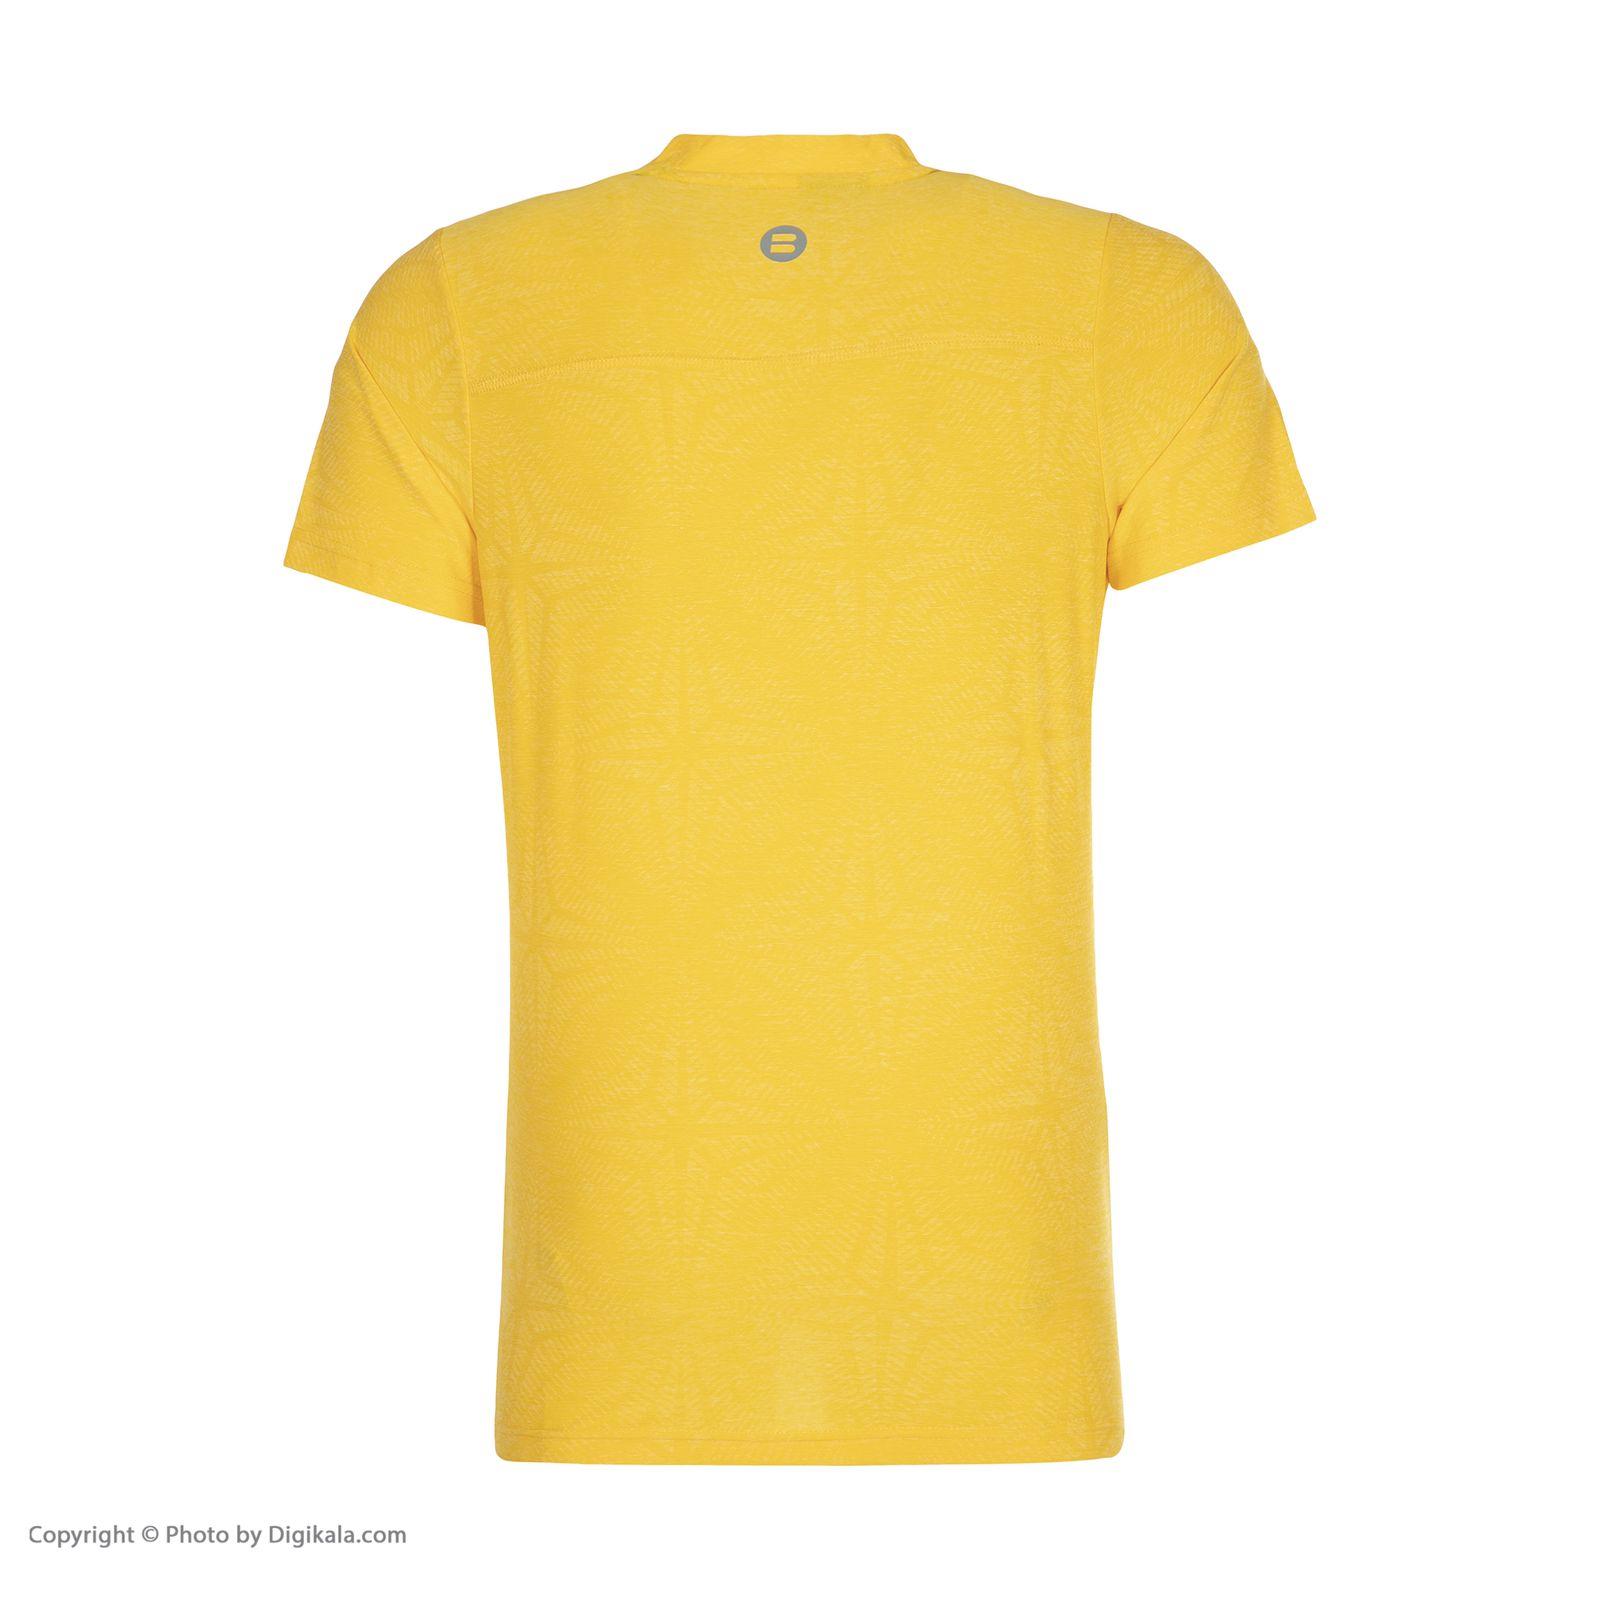 تی شرت ورزشی مردانه بی فور ران مدل 990312-17 -  - 3